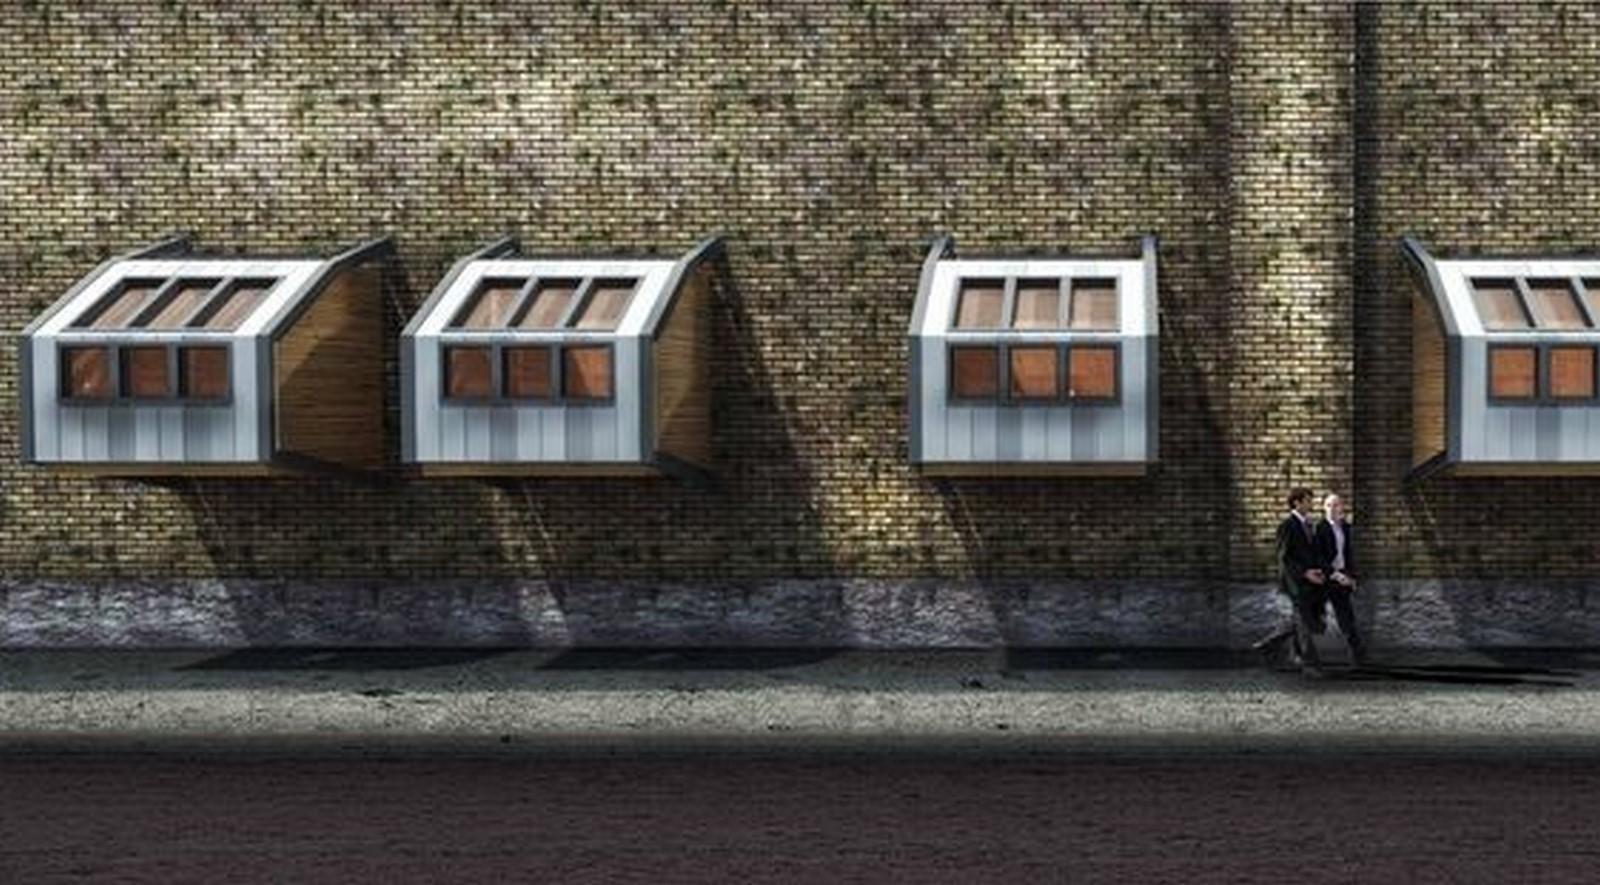 Homes for the Homeless, UK - Sheet1